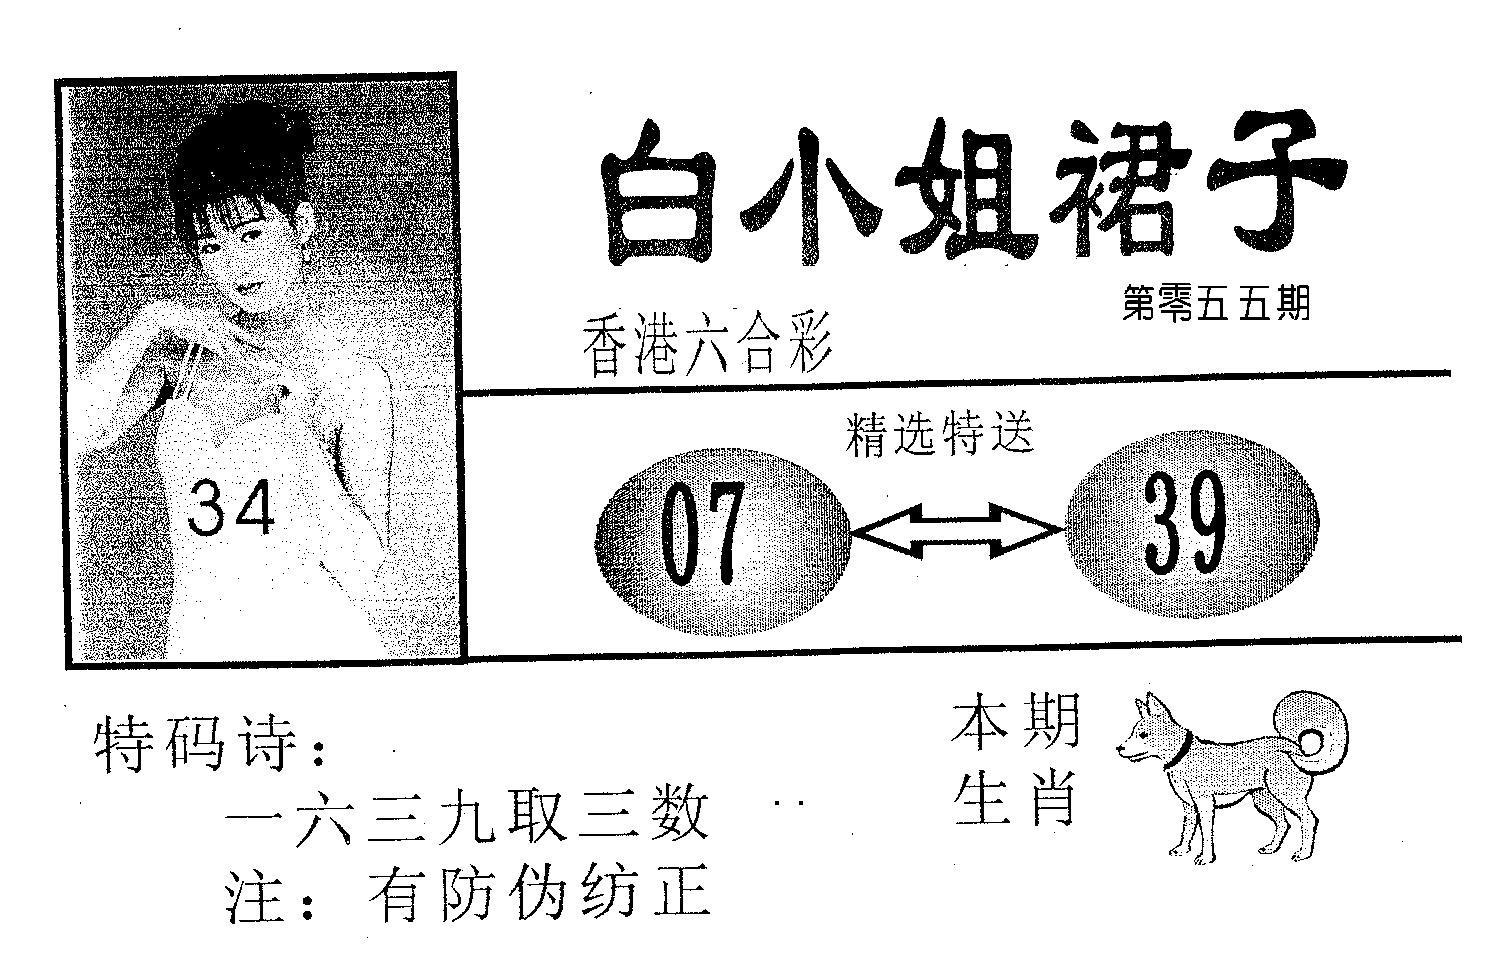 055期白姐裙子(黑白)